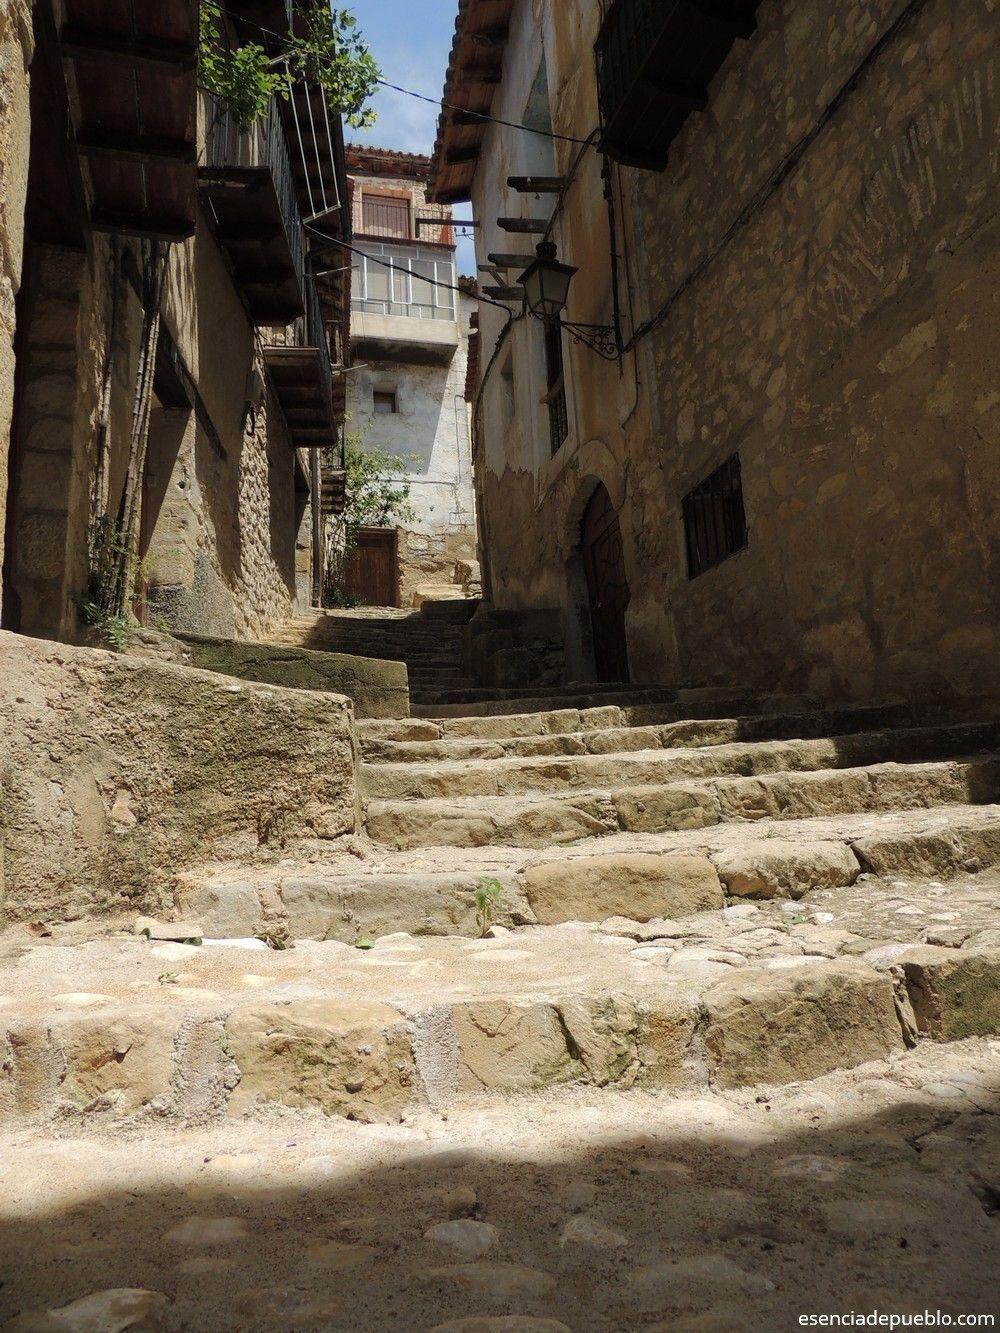 Calle de Valderrobles, Matarraña, Teruel